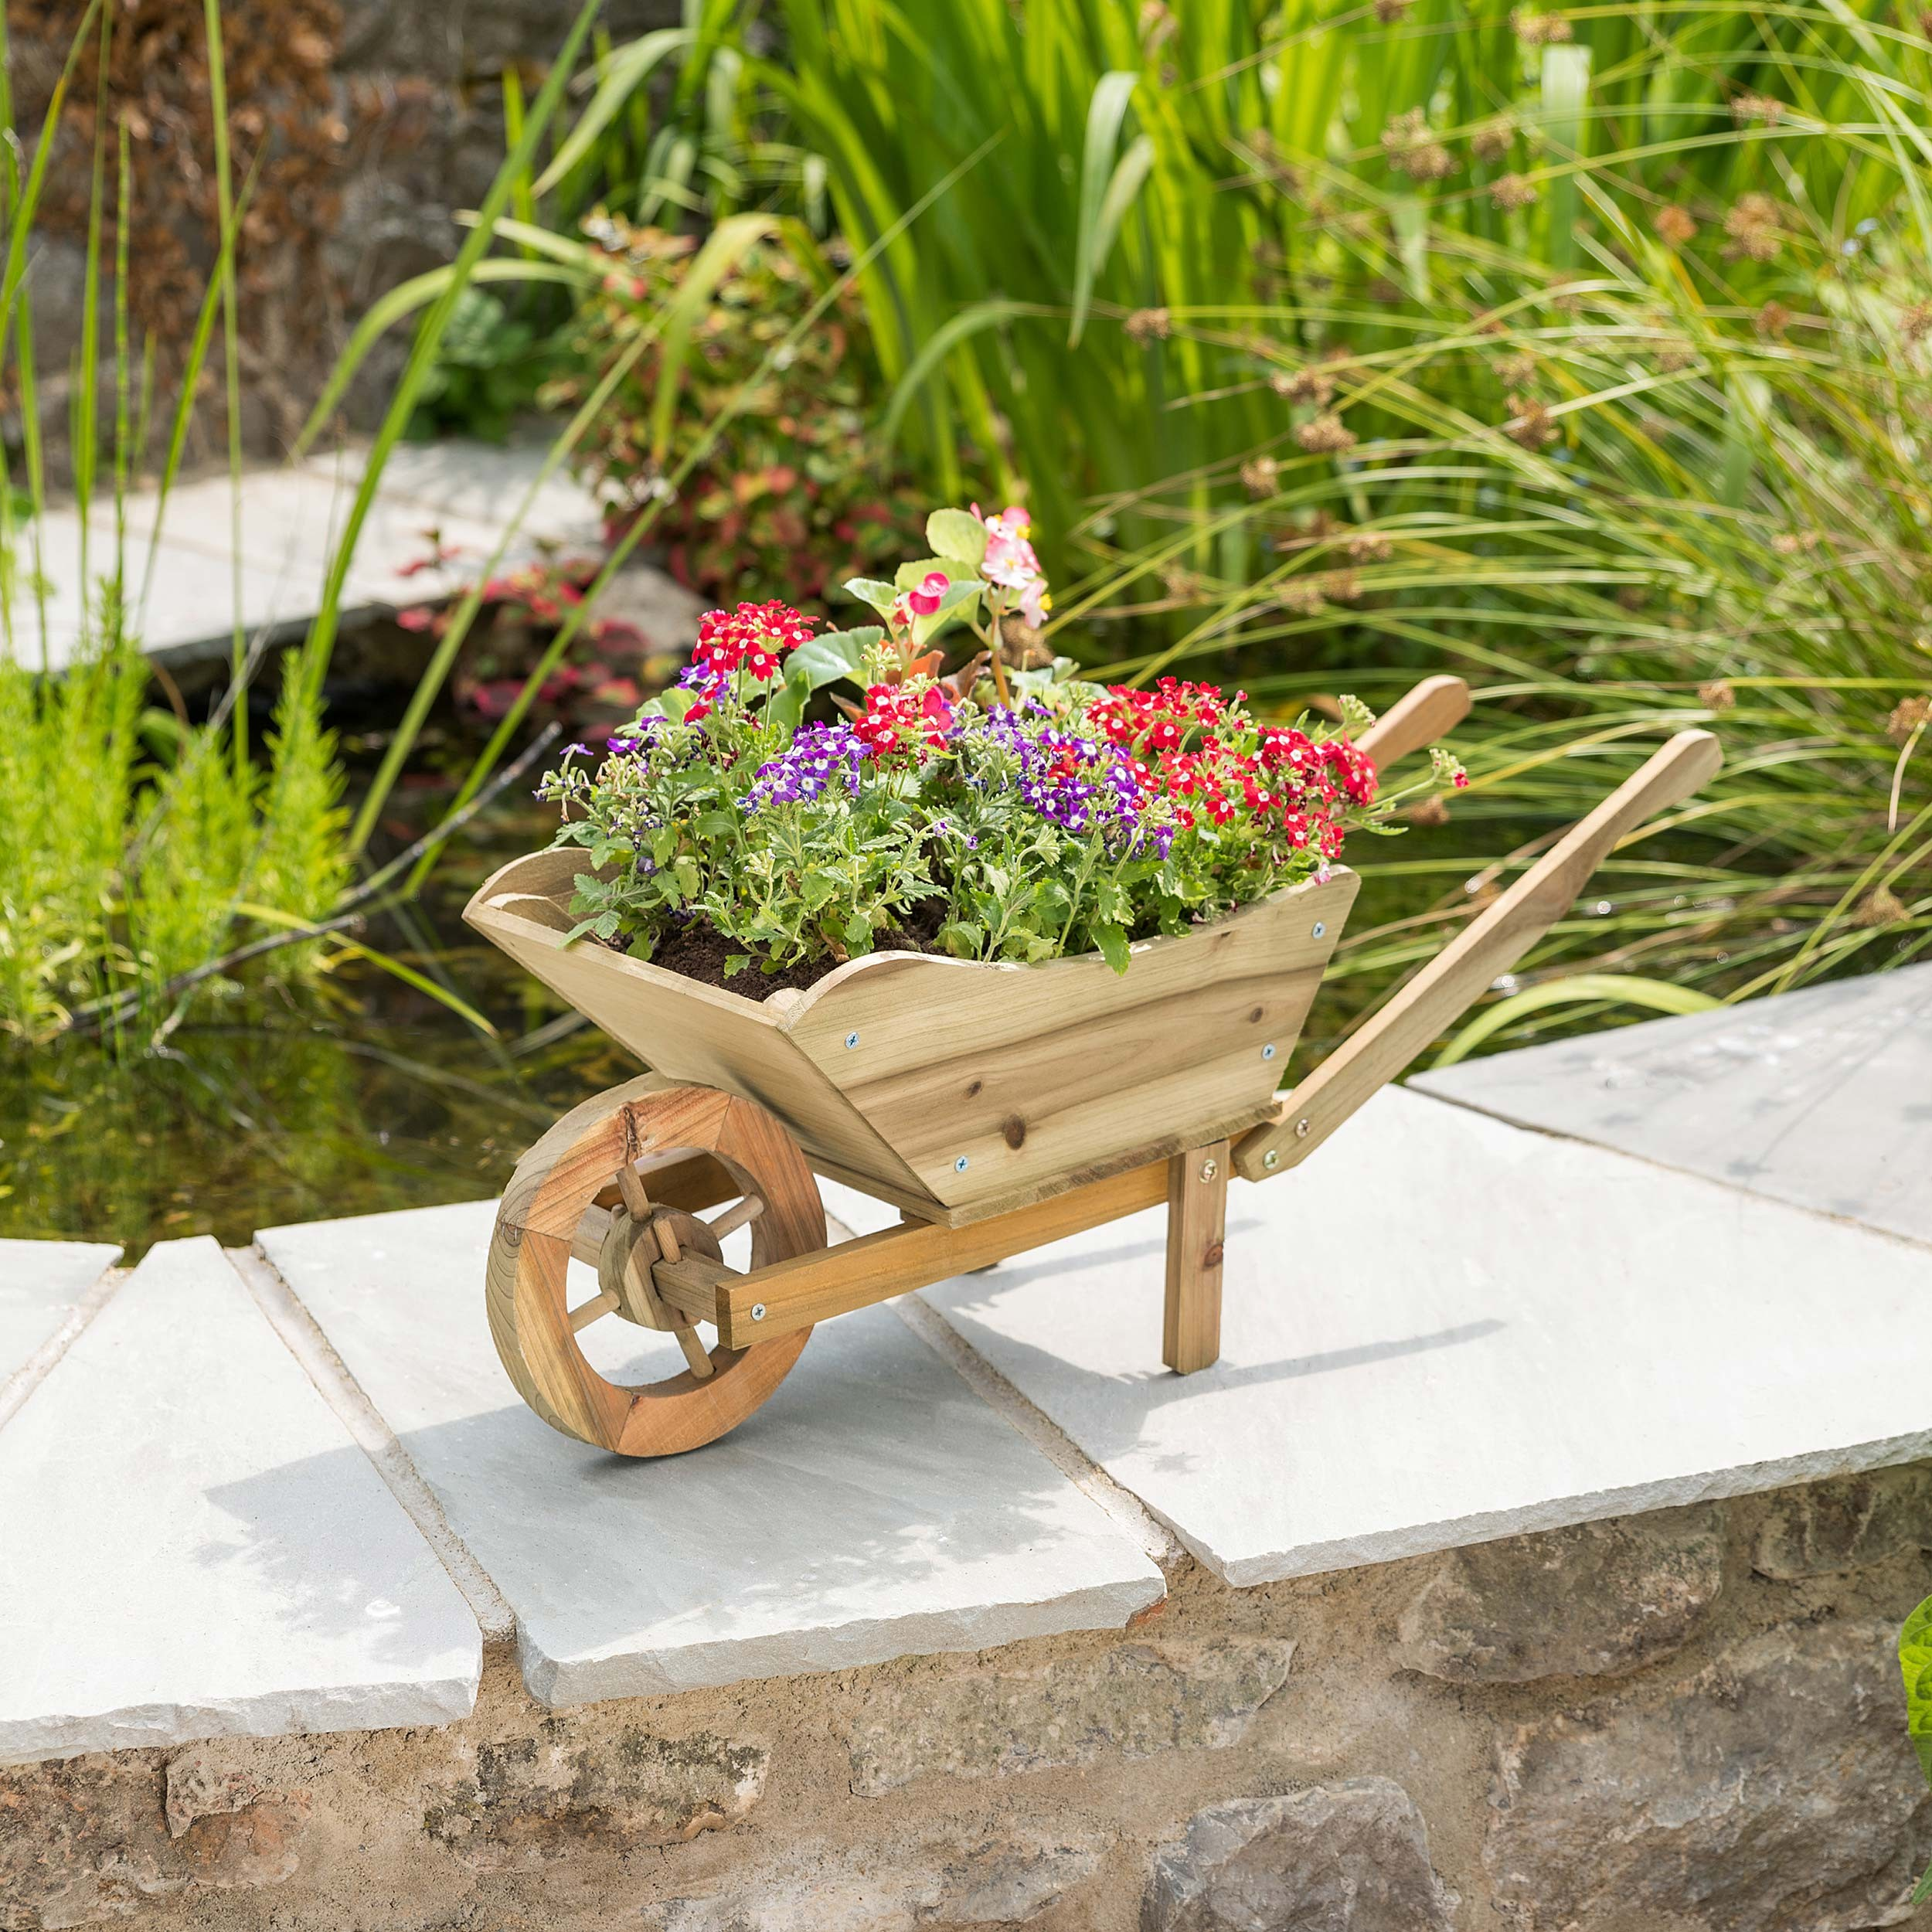 Wooden Wheelbarrow Garden Planter Outdoor Patio Flower